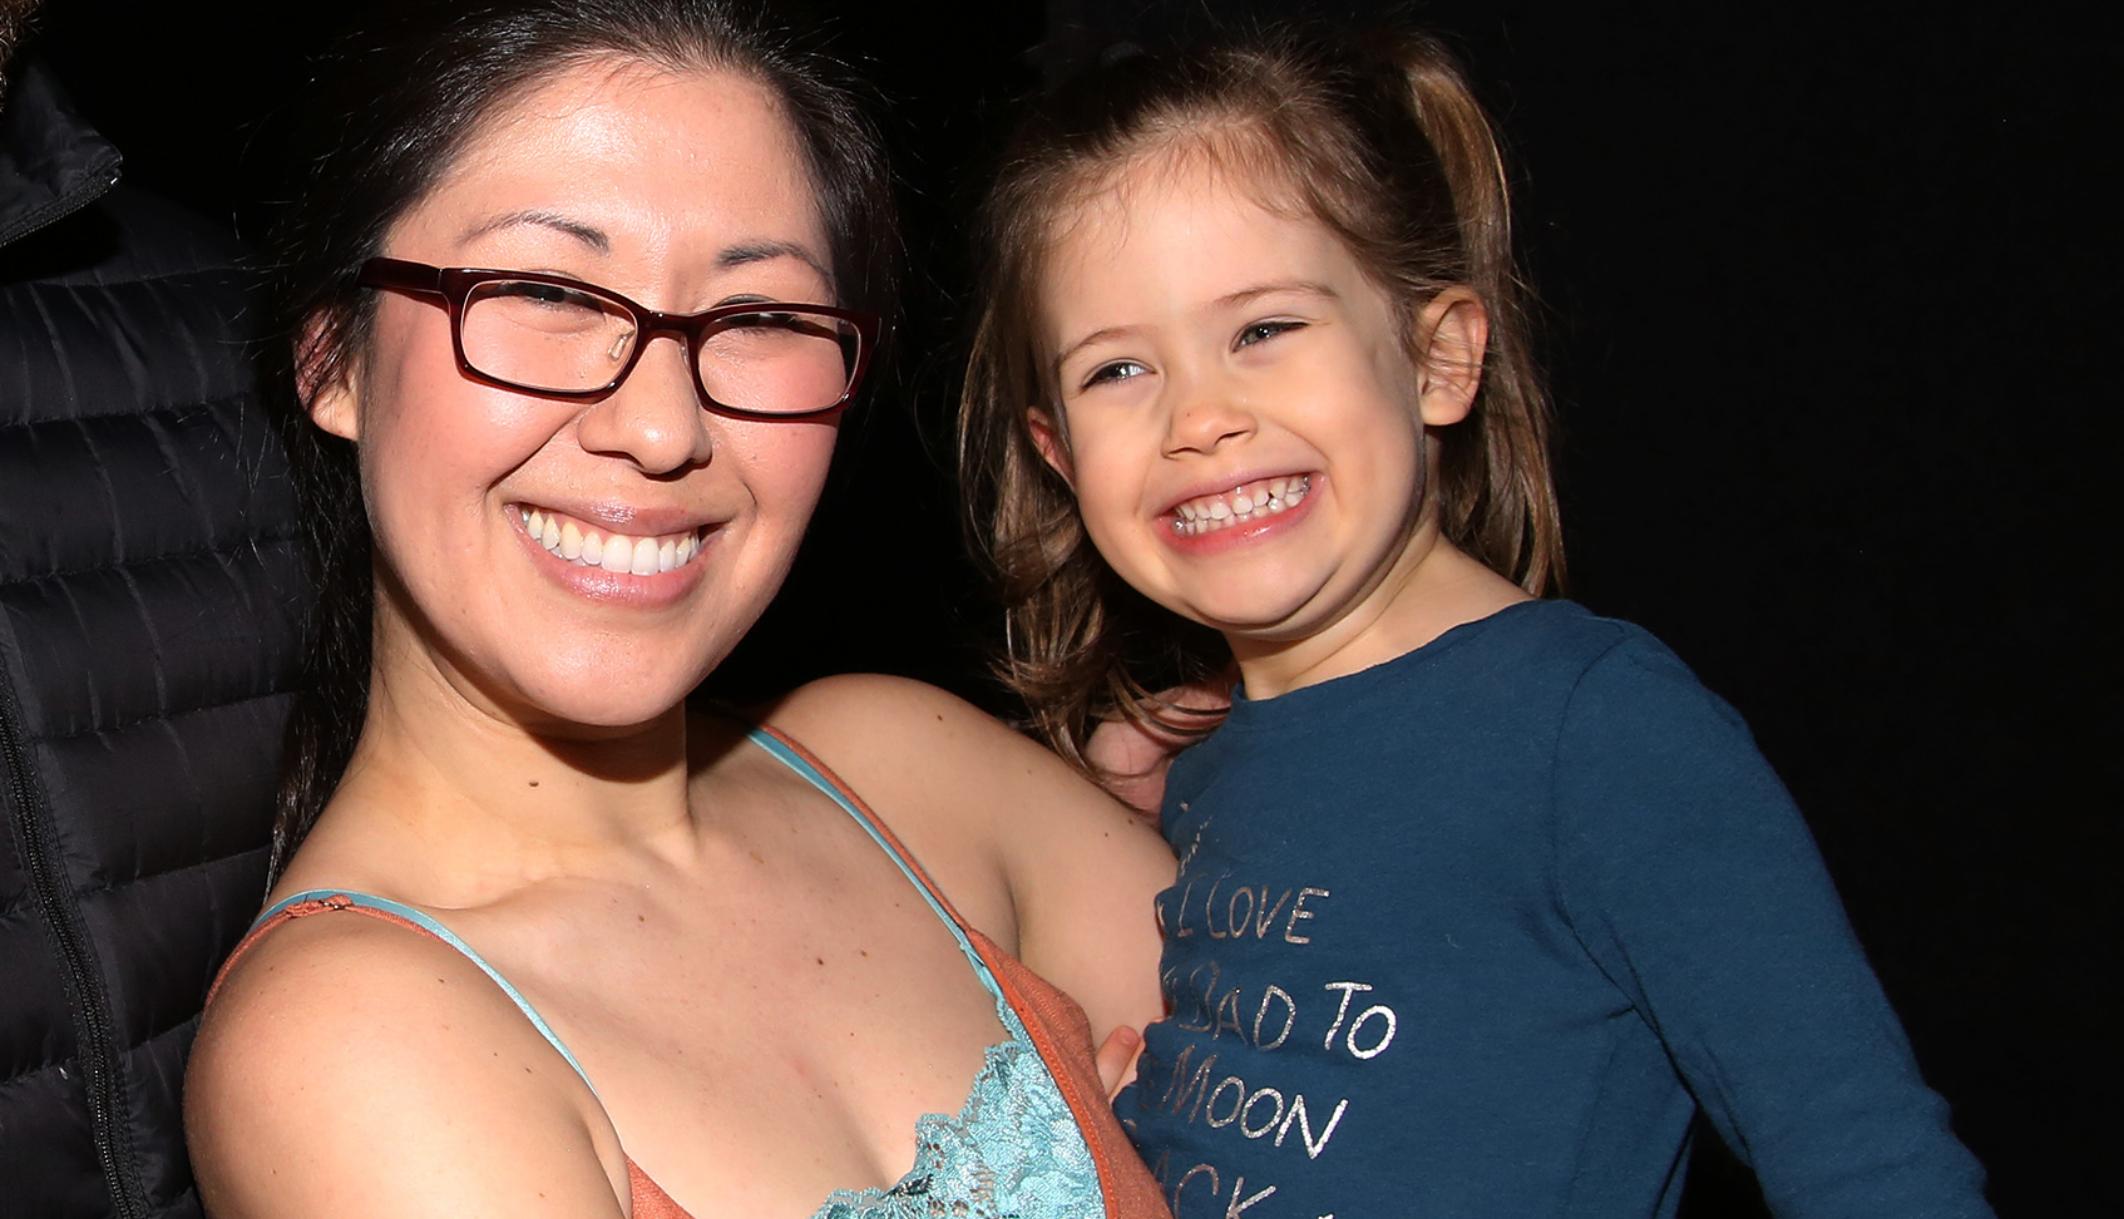 Mujer acusada de matar a la hija de una estrella de Broadway en un accidente fatal fue encontrada muerta por aparente suicidio